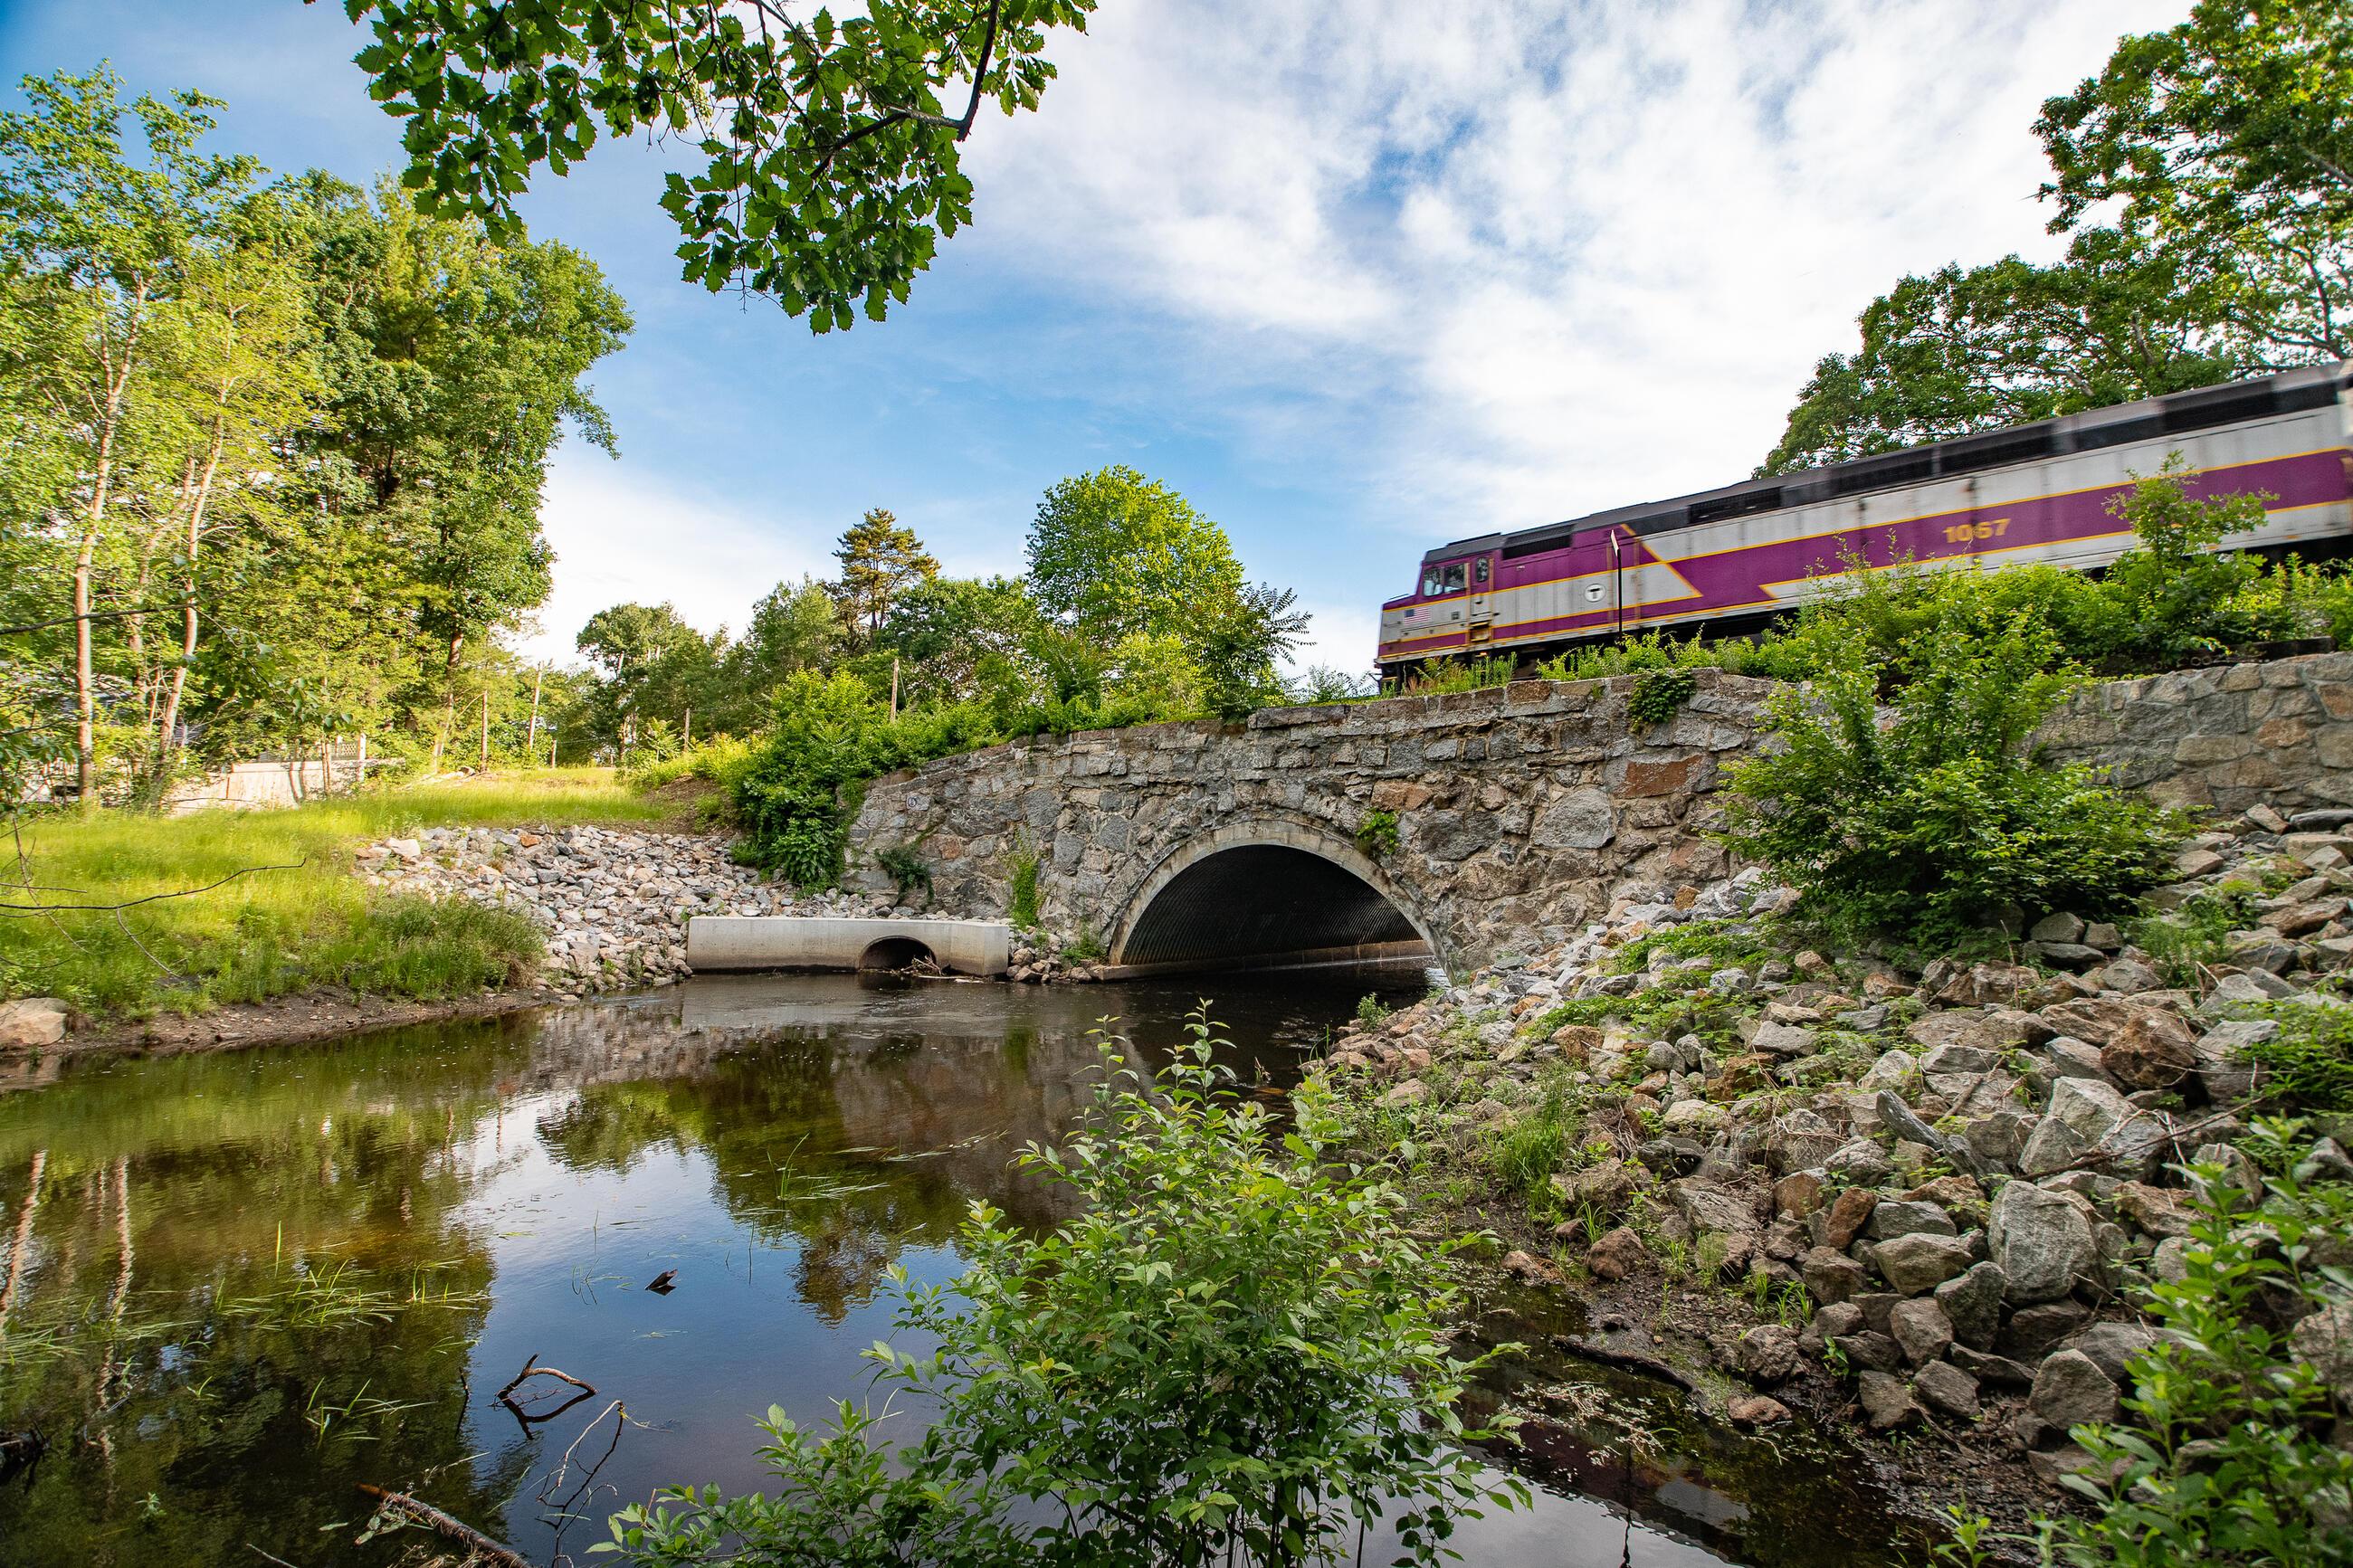 Commuter Rail passing over Shawsheen River Bridge and waterway